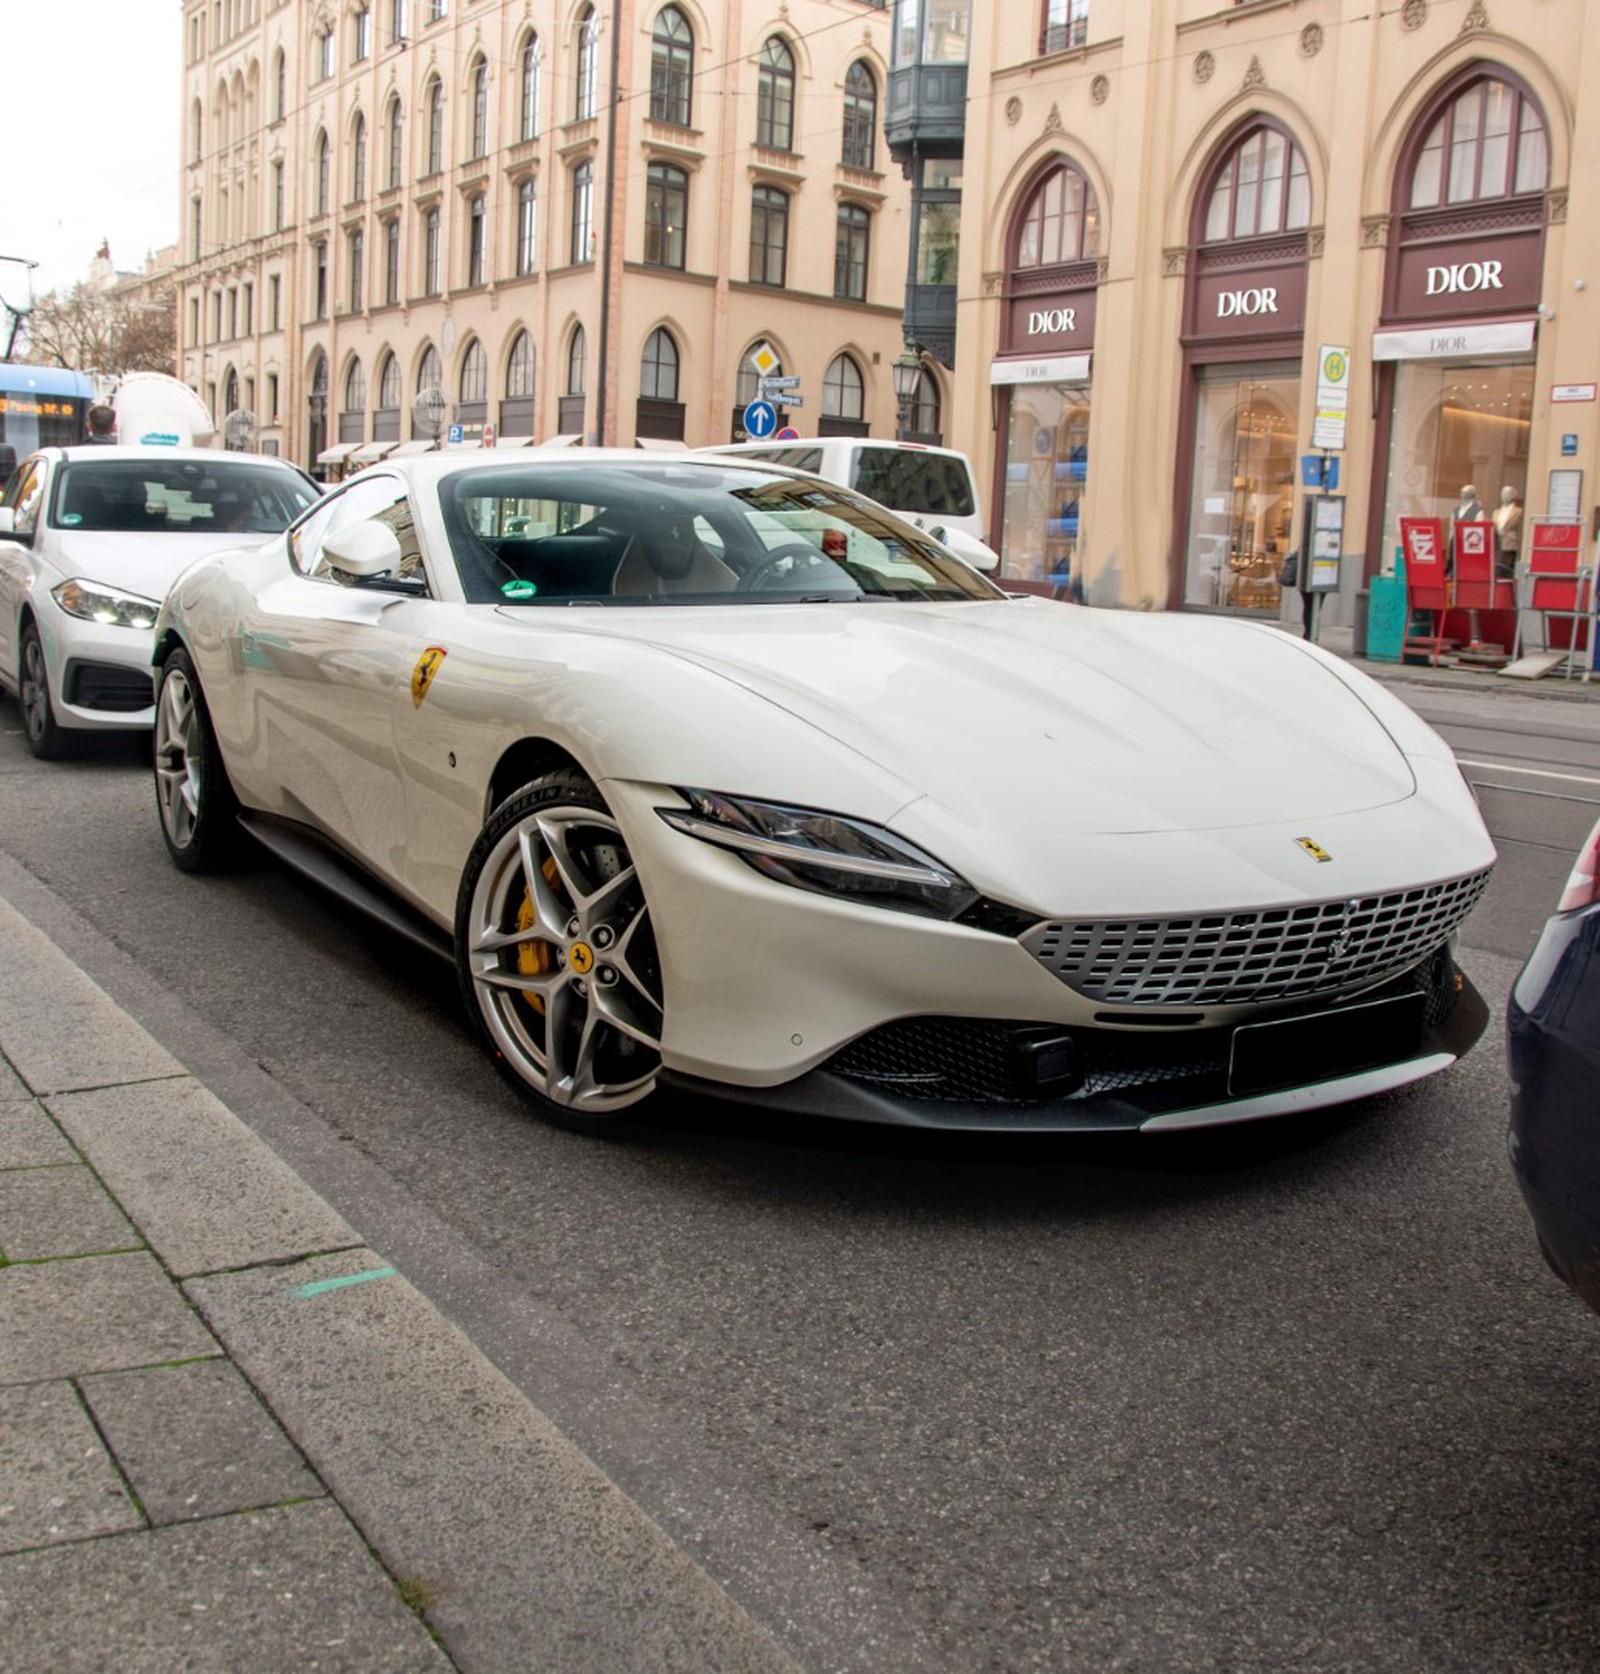 Ferrari Roma New Buy In Hechingen Bei Stuttgart Price 296310 Eur Int Nr 20 600